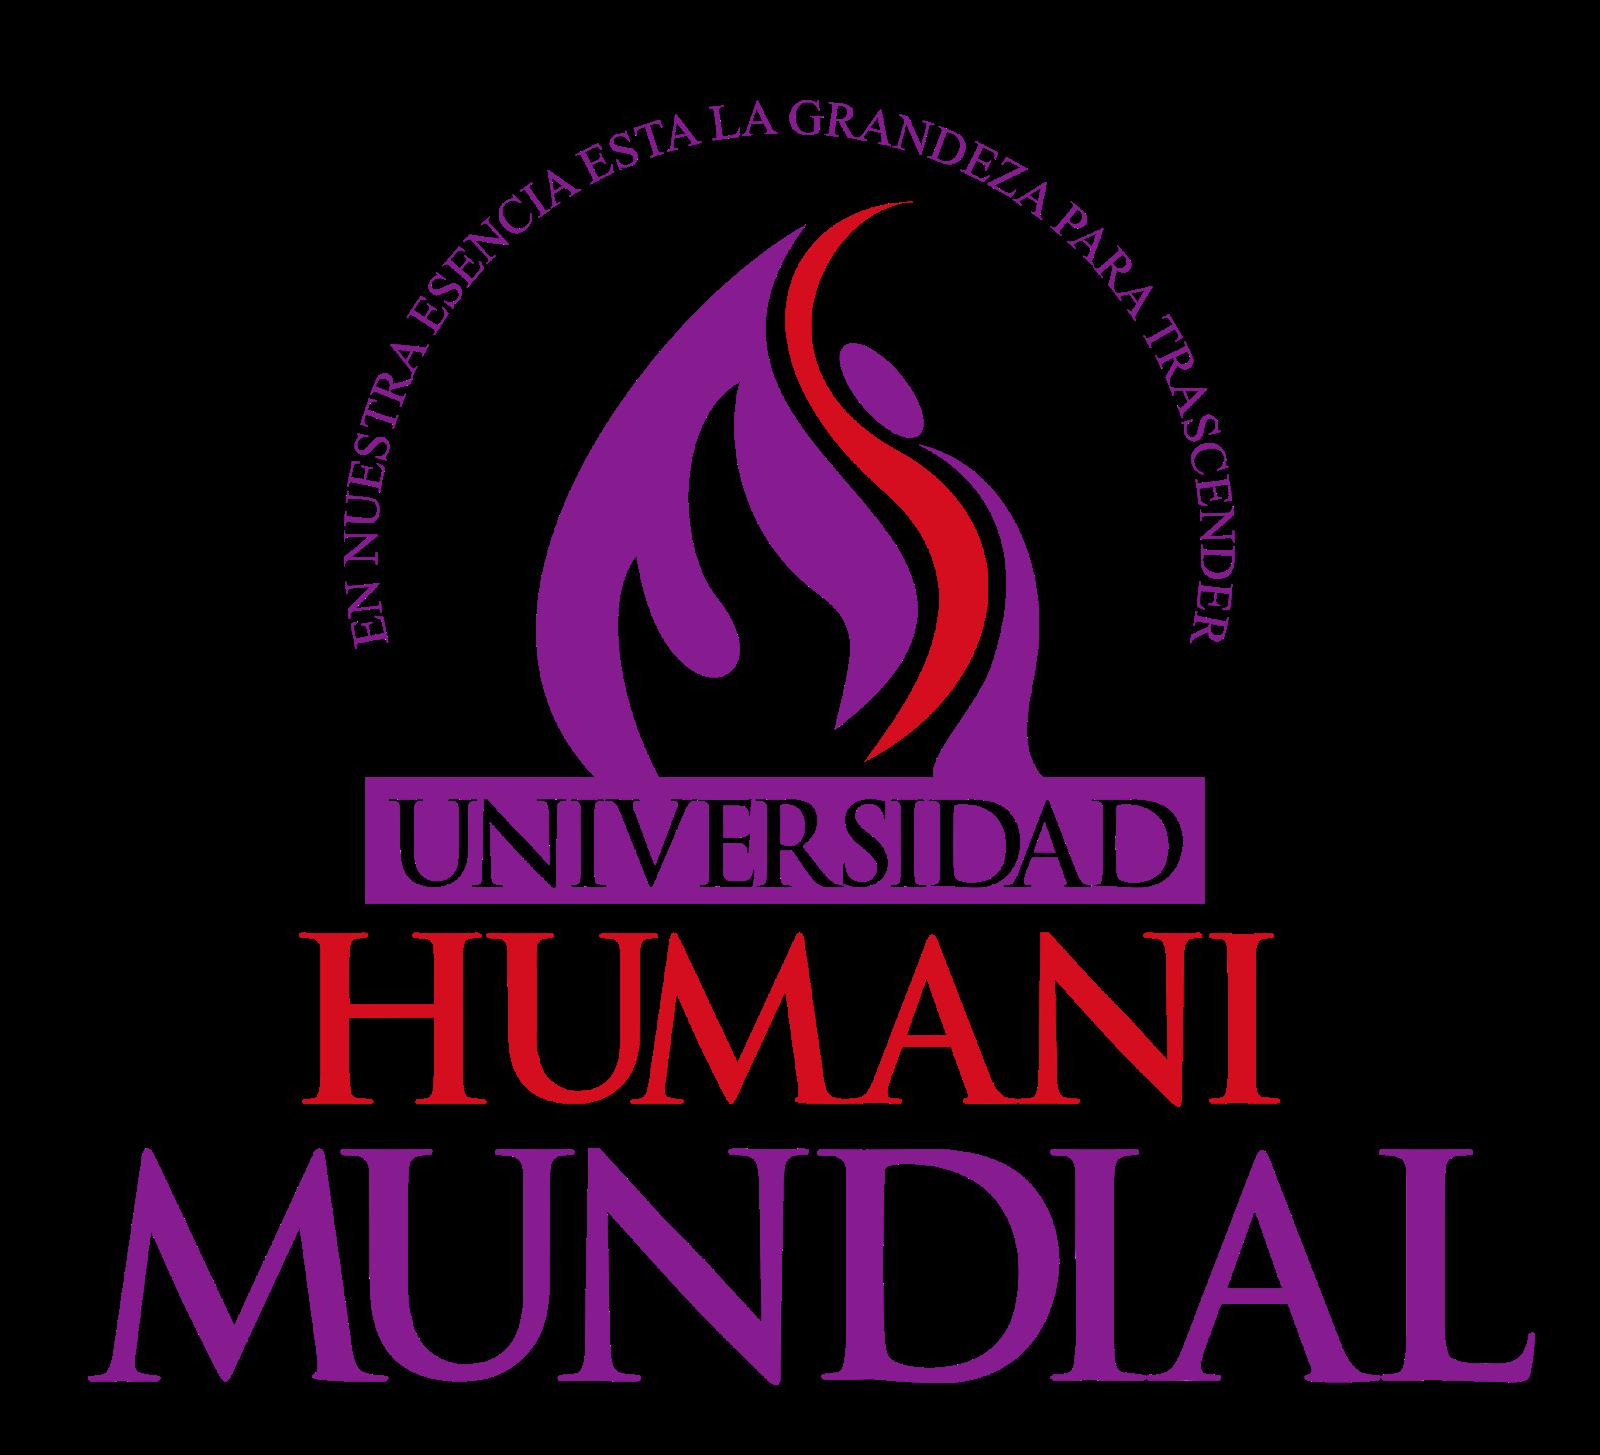 UNIVERSIDAD HUMANI MUNDIAL